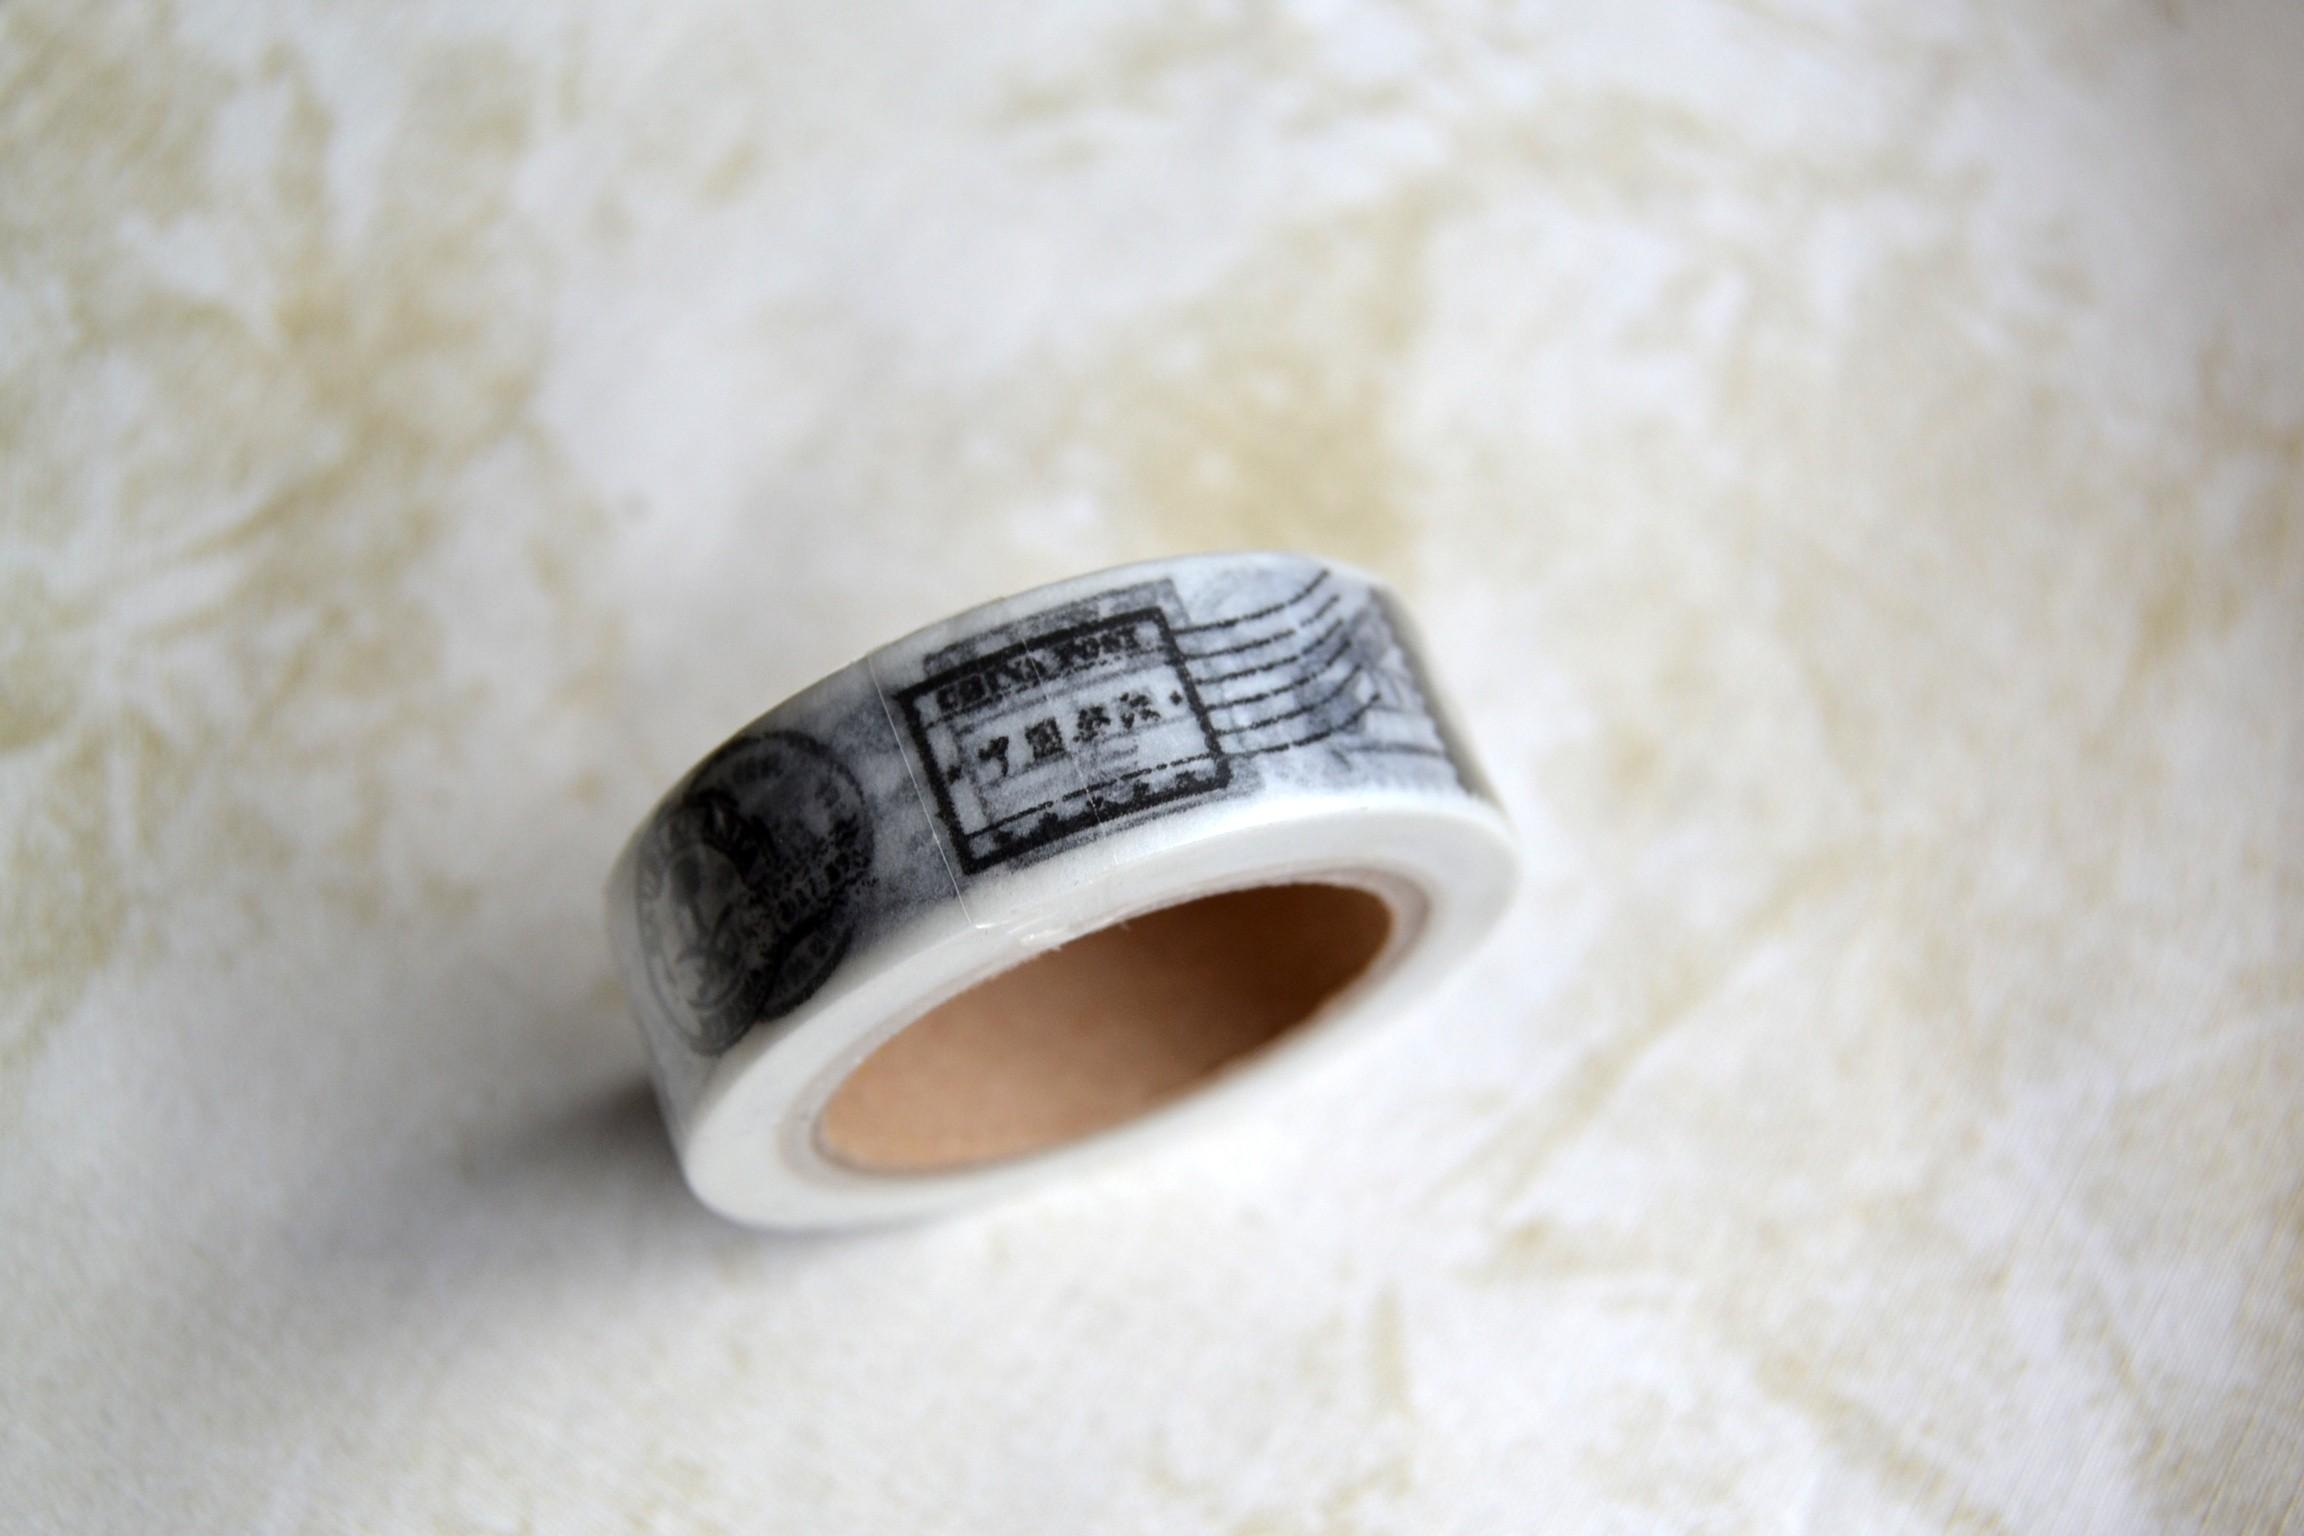 Cuentas de vidrio Crackle turquesa claro negro 10 mm 80 trozo joyas perlas 306